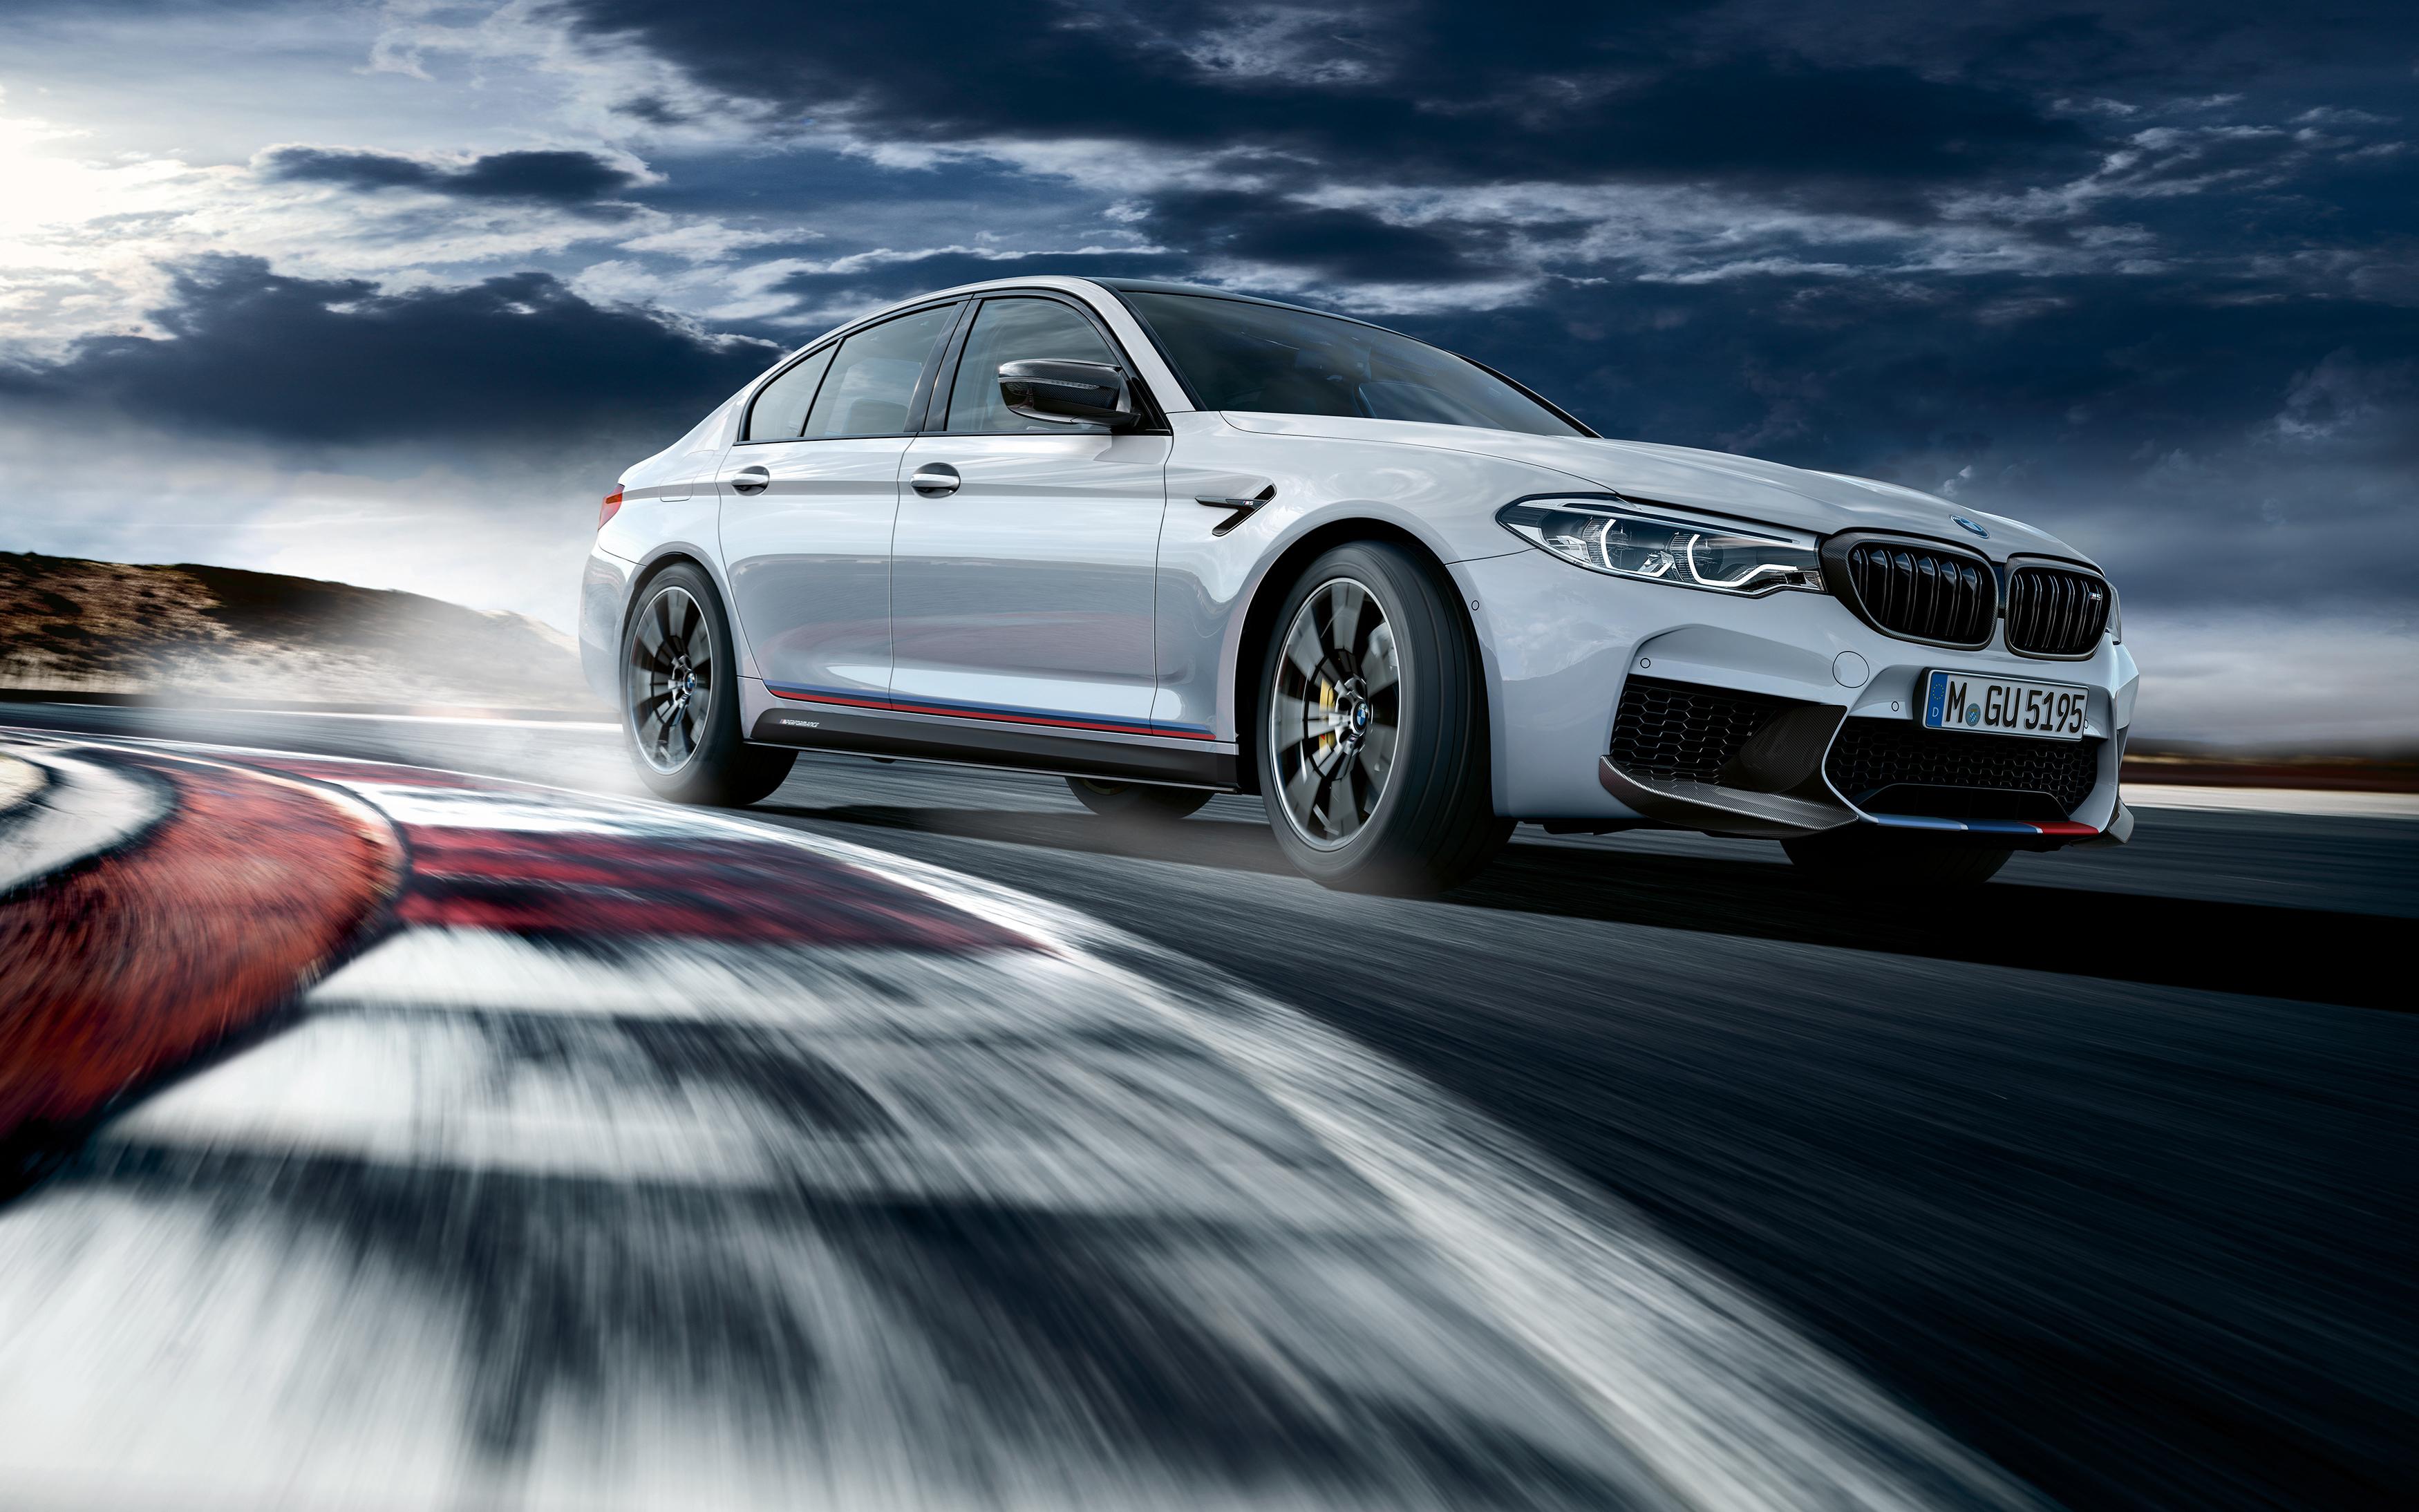 Картинка: Гоночный трек, машина, скорость, движение, в повороте, BMW, M5, облака